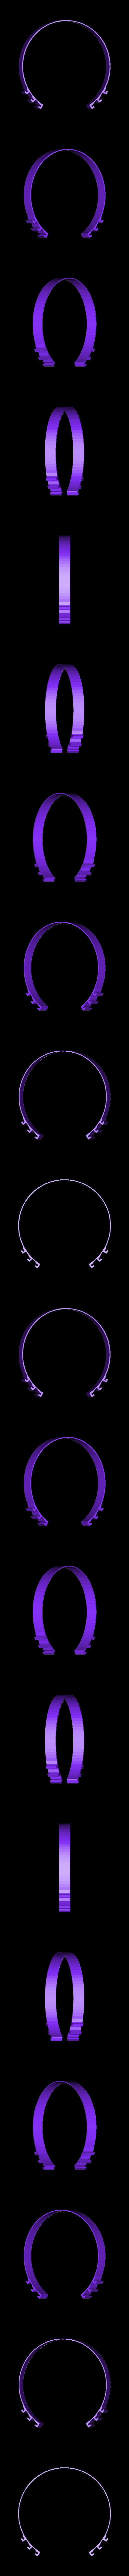 DIADEMA_SUJECCIÓN_MASCARILLLA INMENSA.stl Télécharger fichier STL gratuit Porte-masque simple et double courbe + Boucle d'oreille (pour sauver les oreilles) • Objet pour imprimante 3D, celtarra12